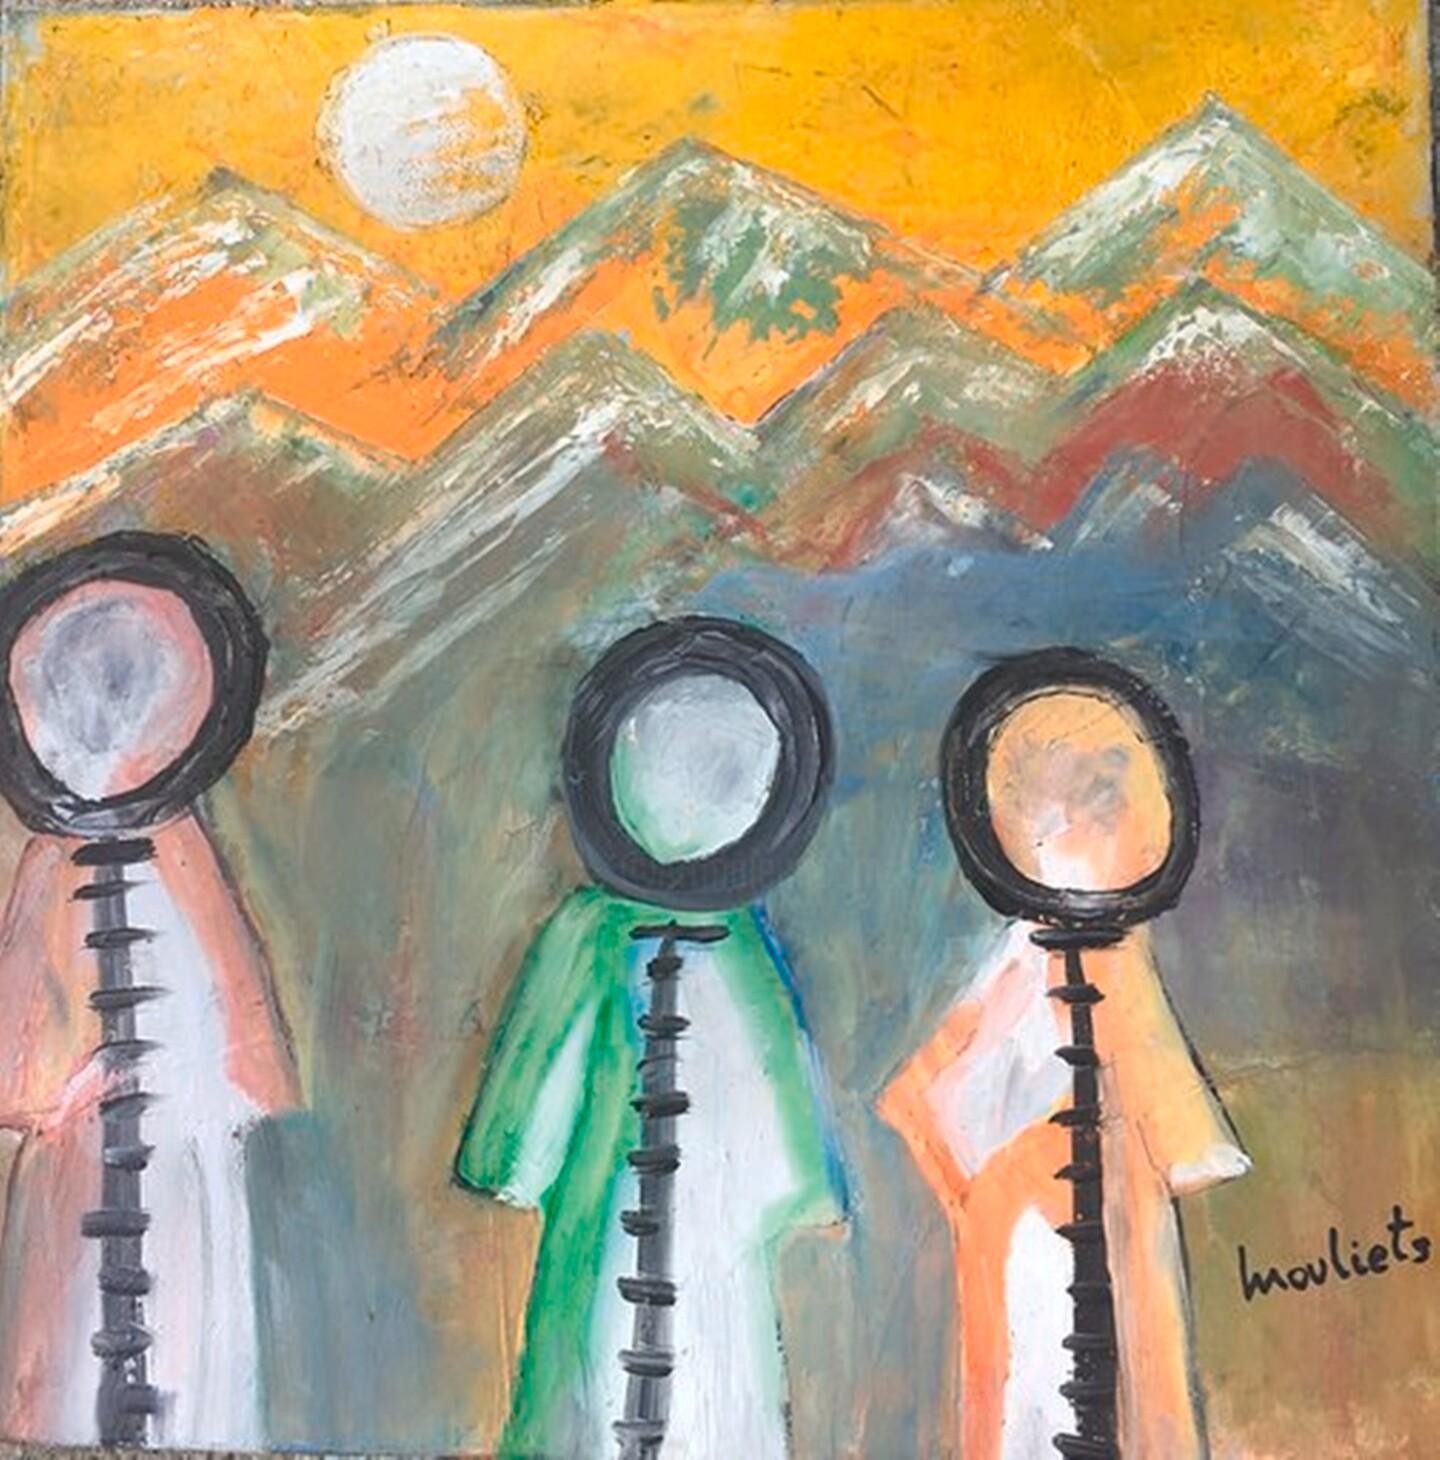 Mariam Mouliets - Les troismoines